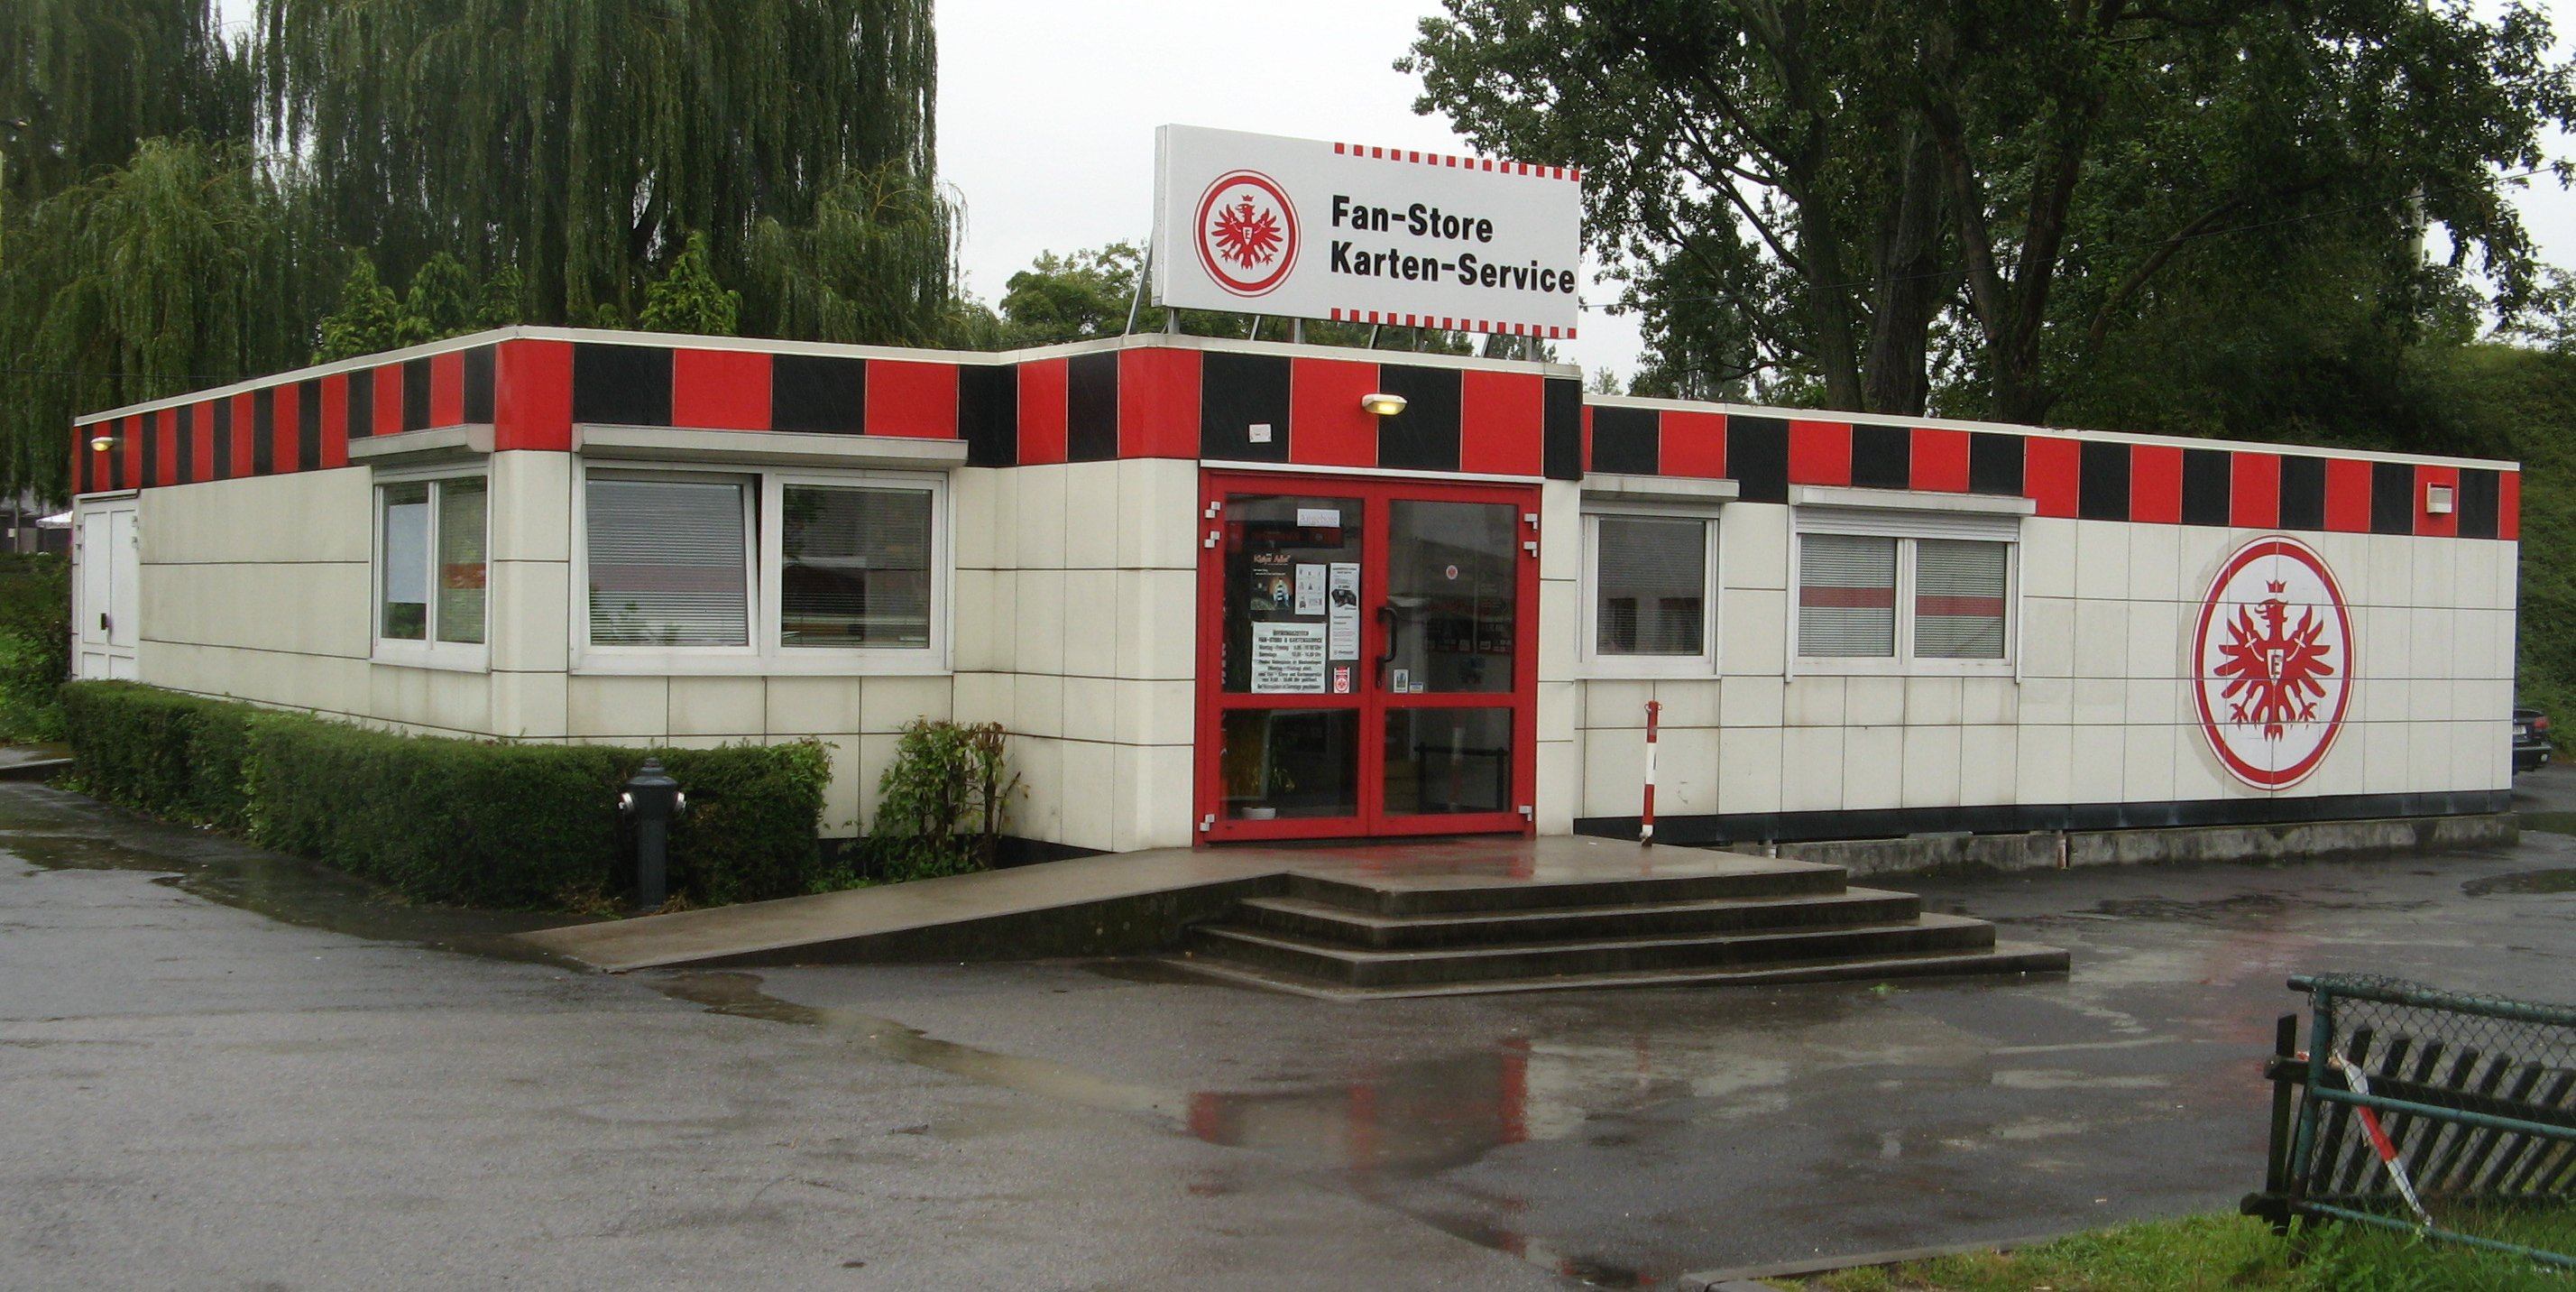 Eintracht Fanshop Frankfurt